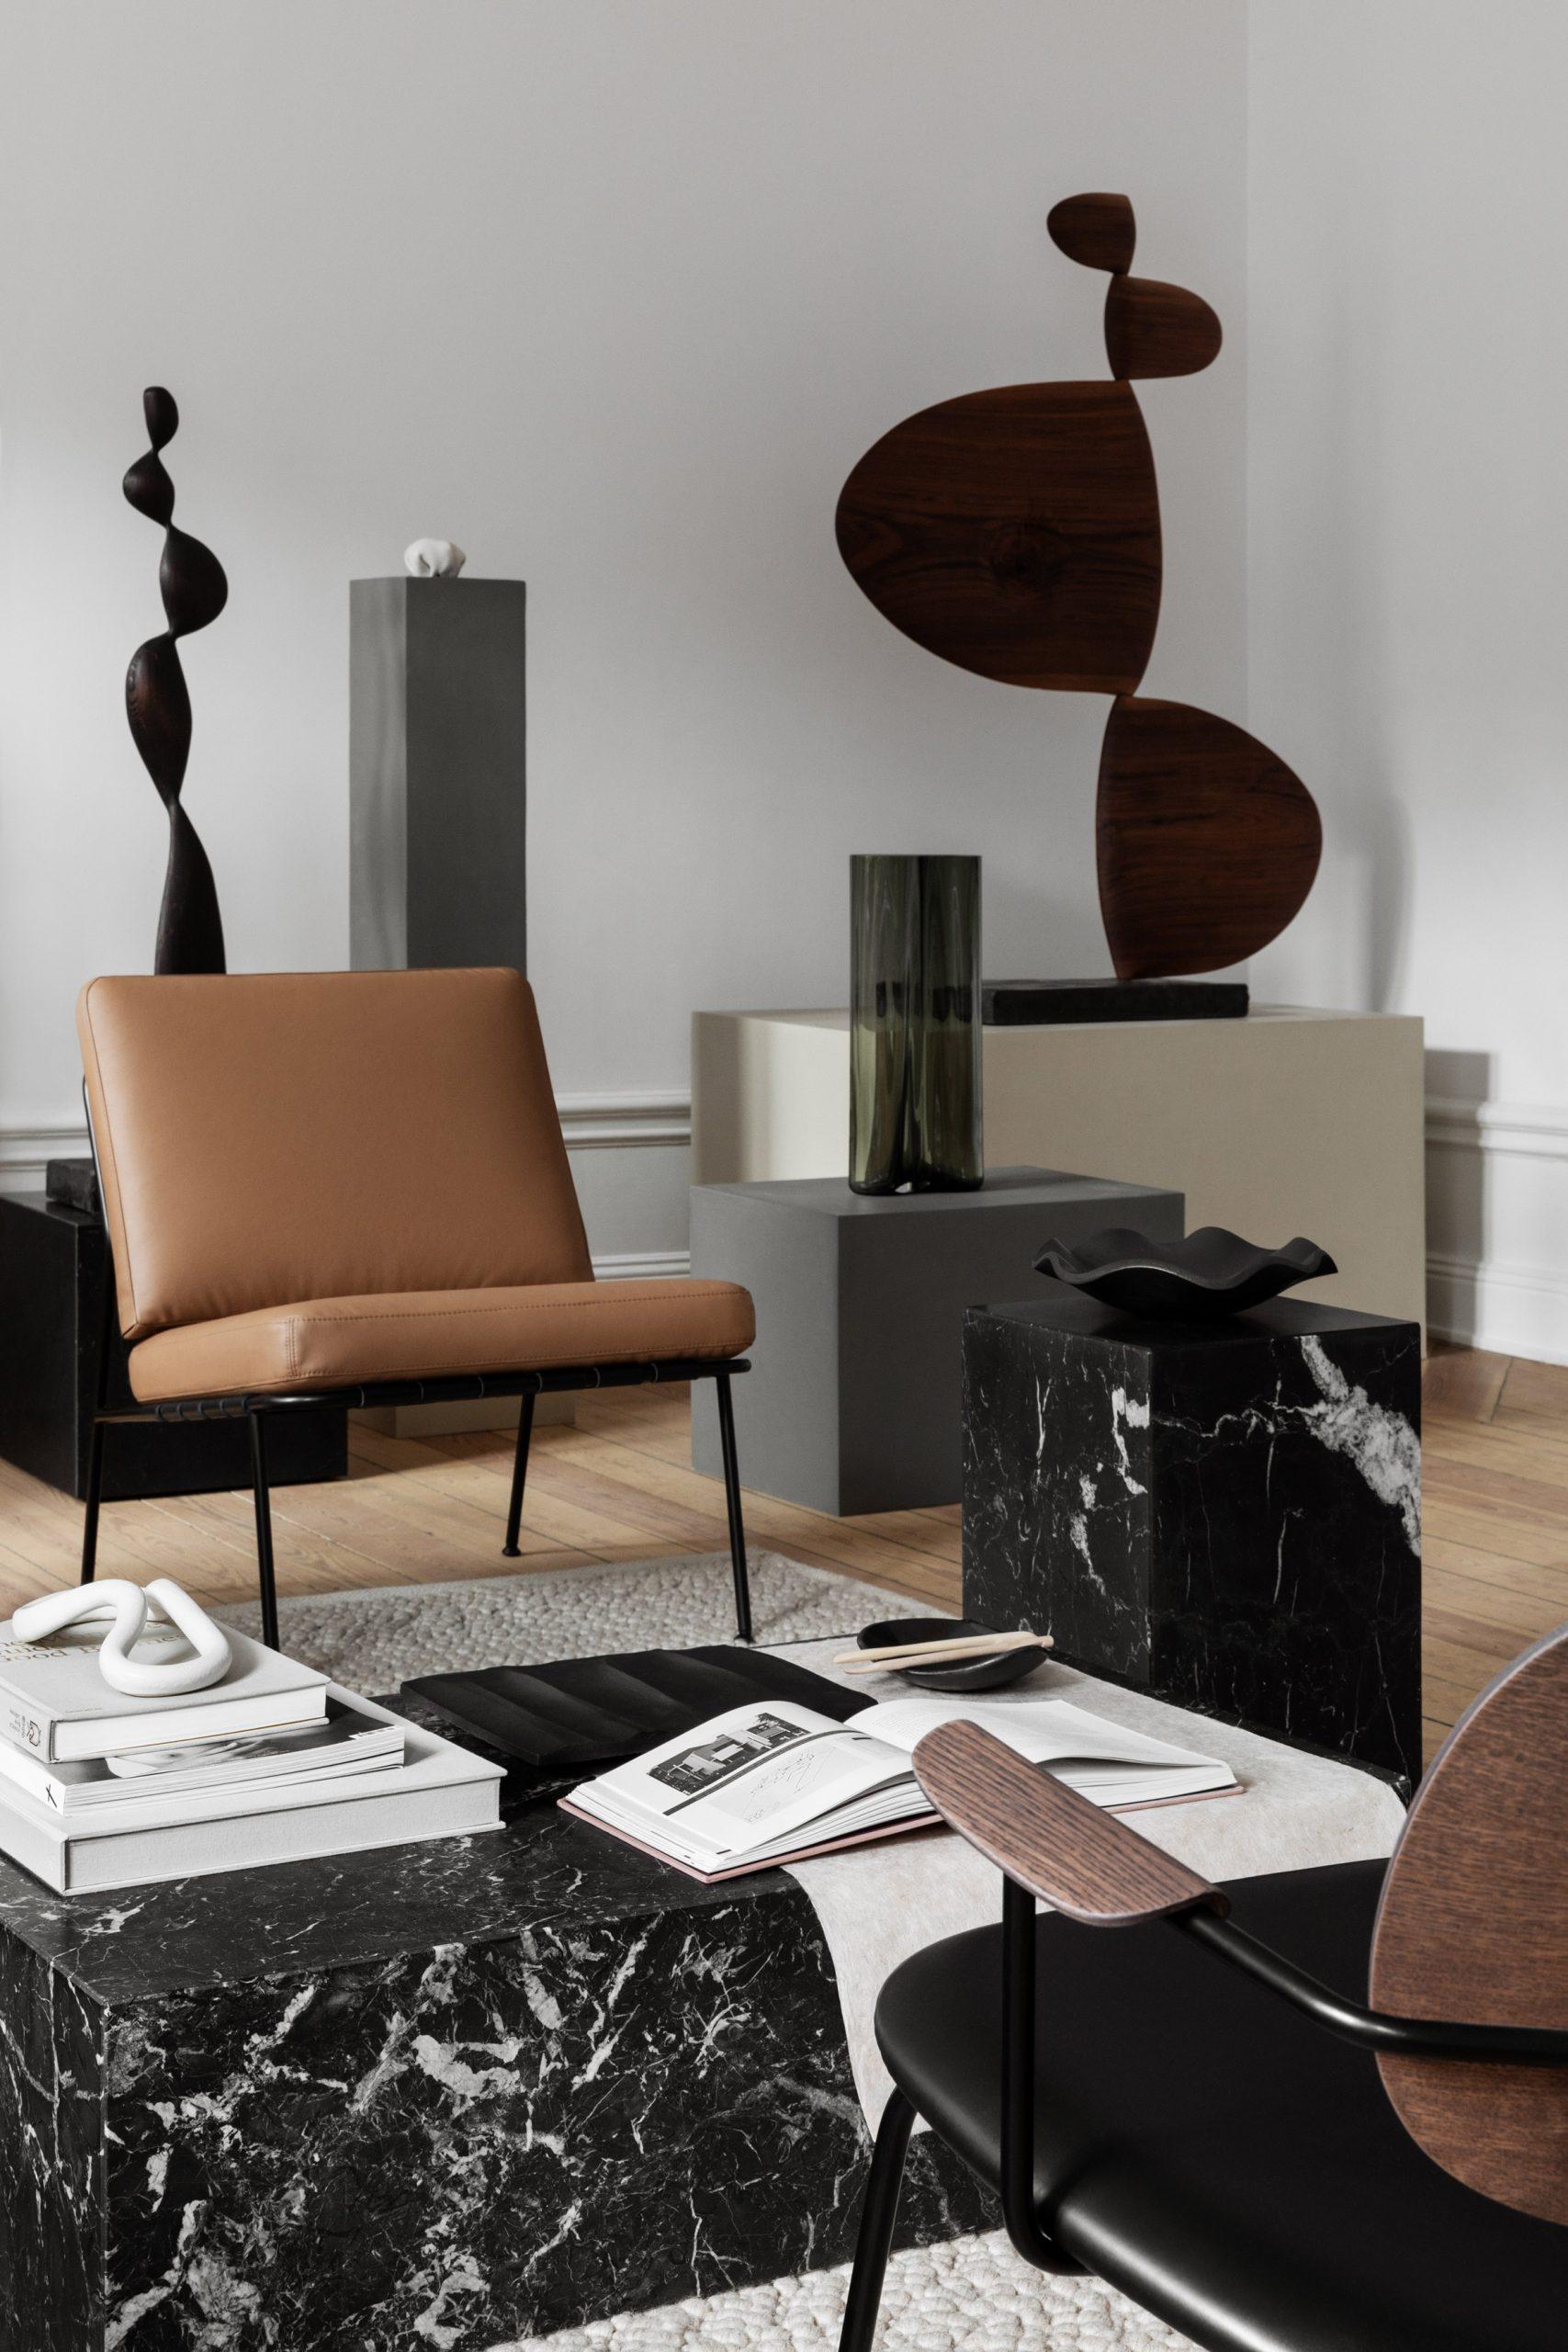 Thiết kế nội thất chung cư hiện đại 2